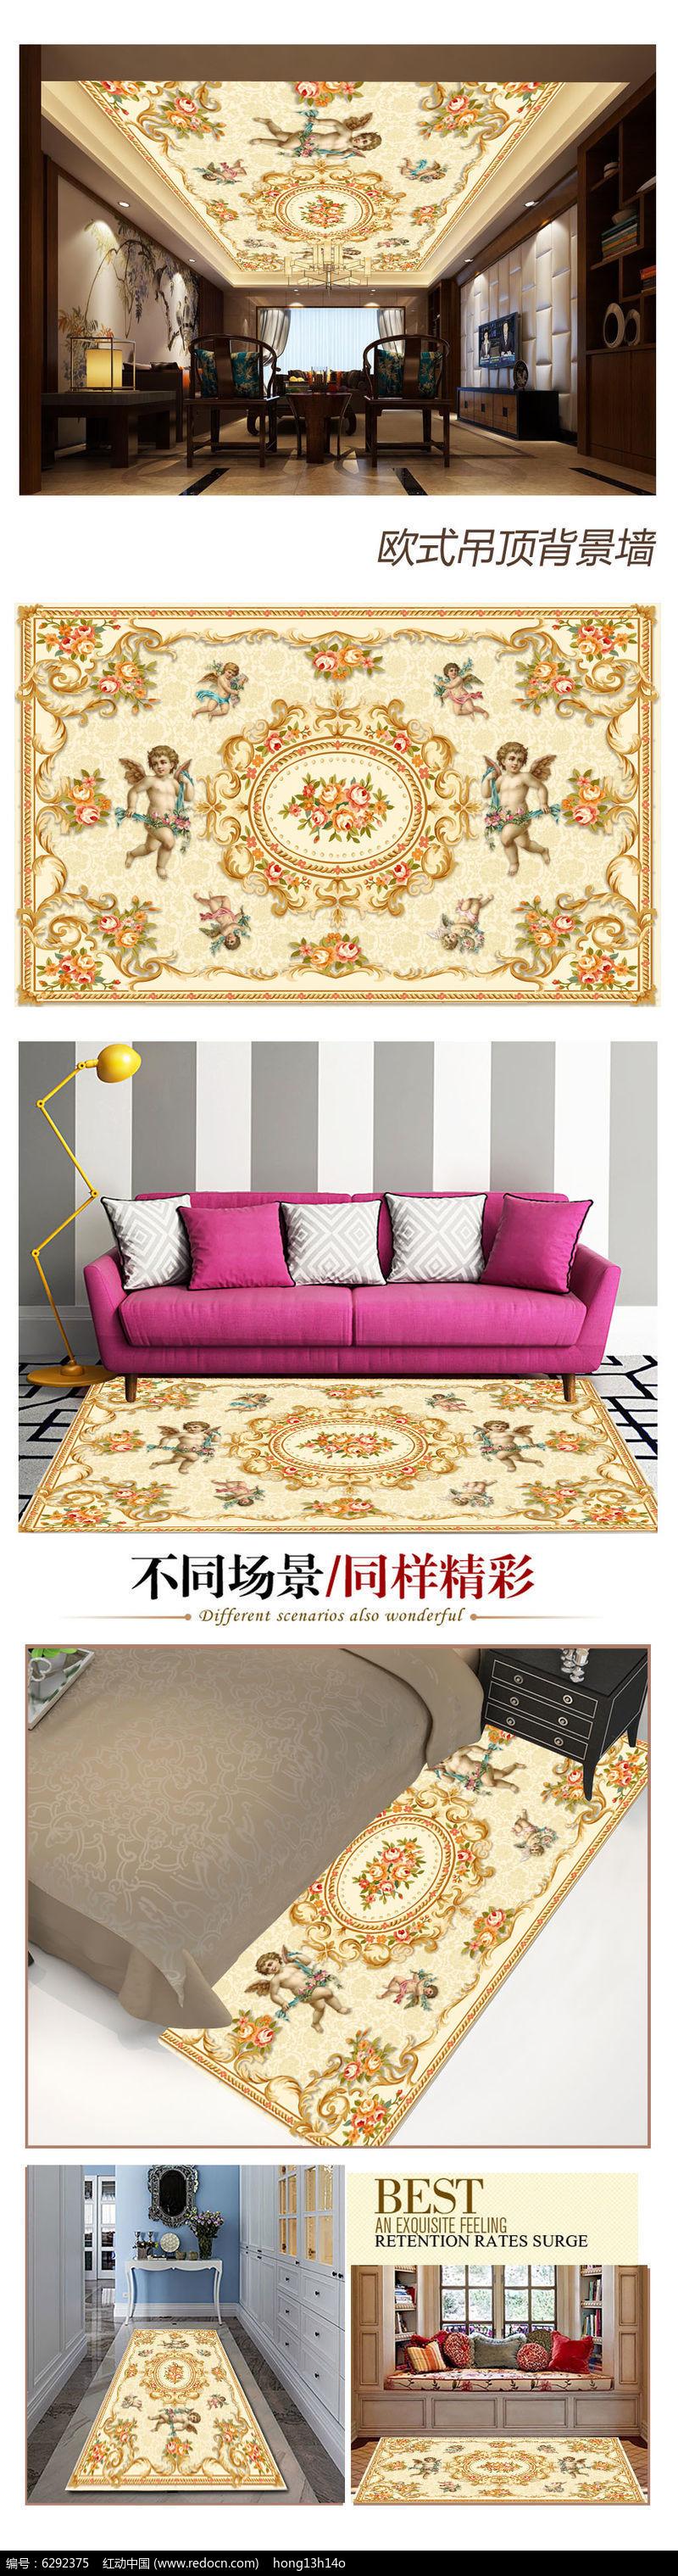 欧式天使吊顶壁画欧式地毯图片